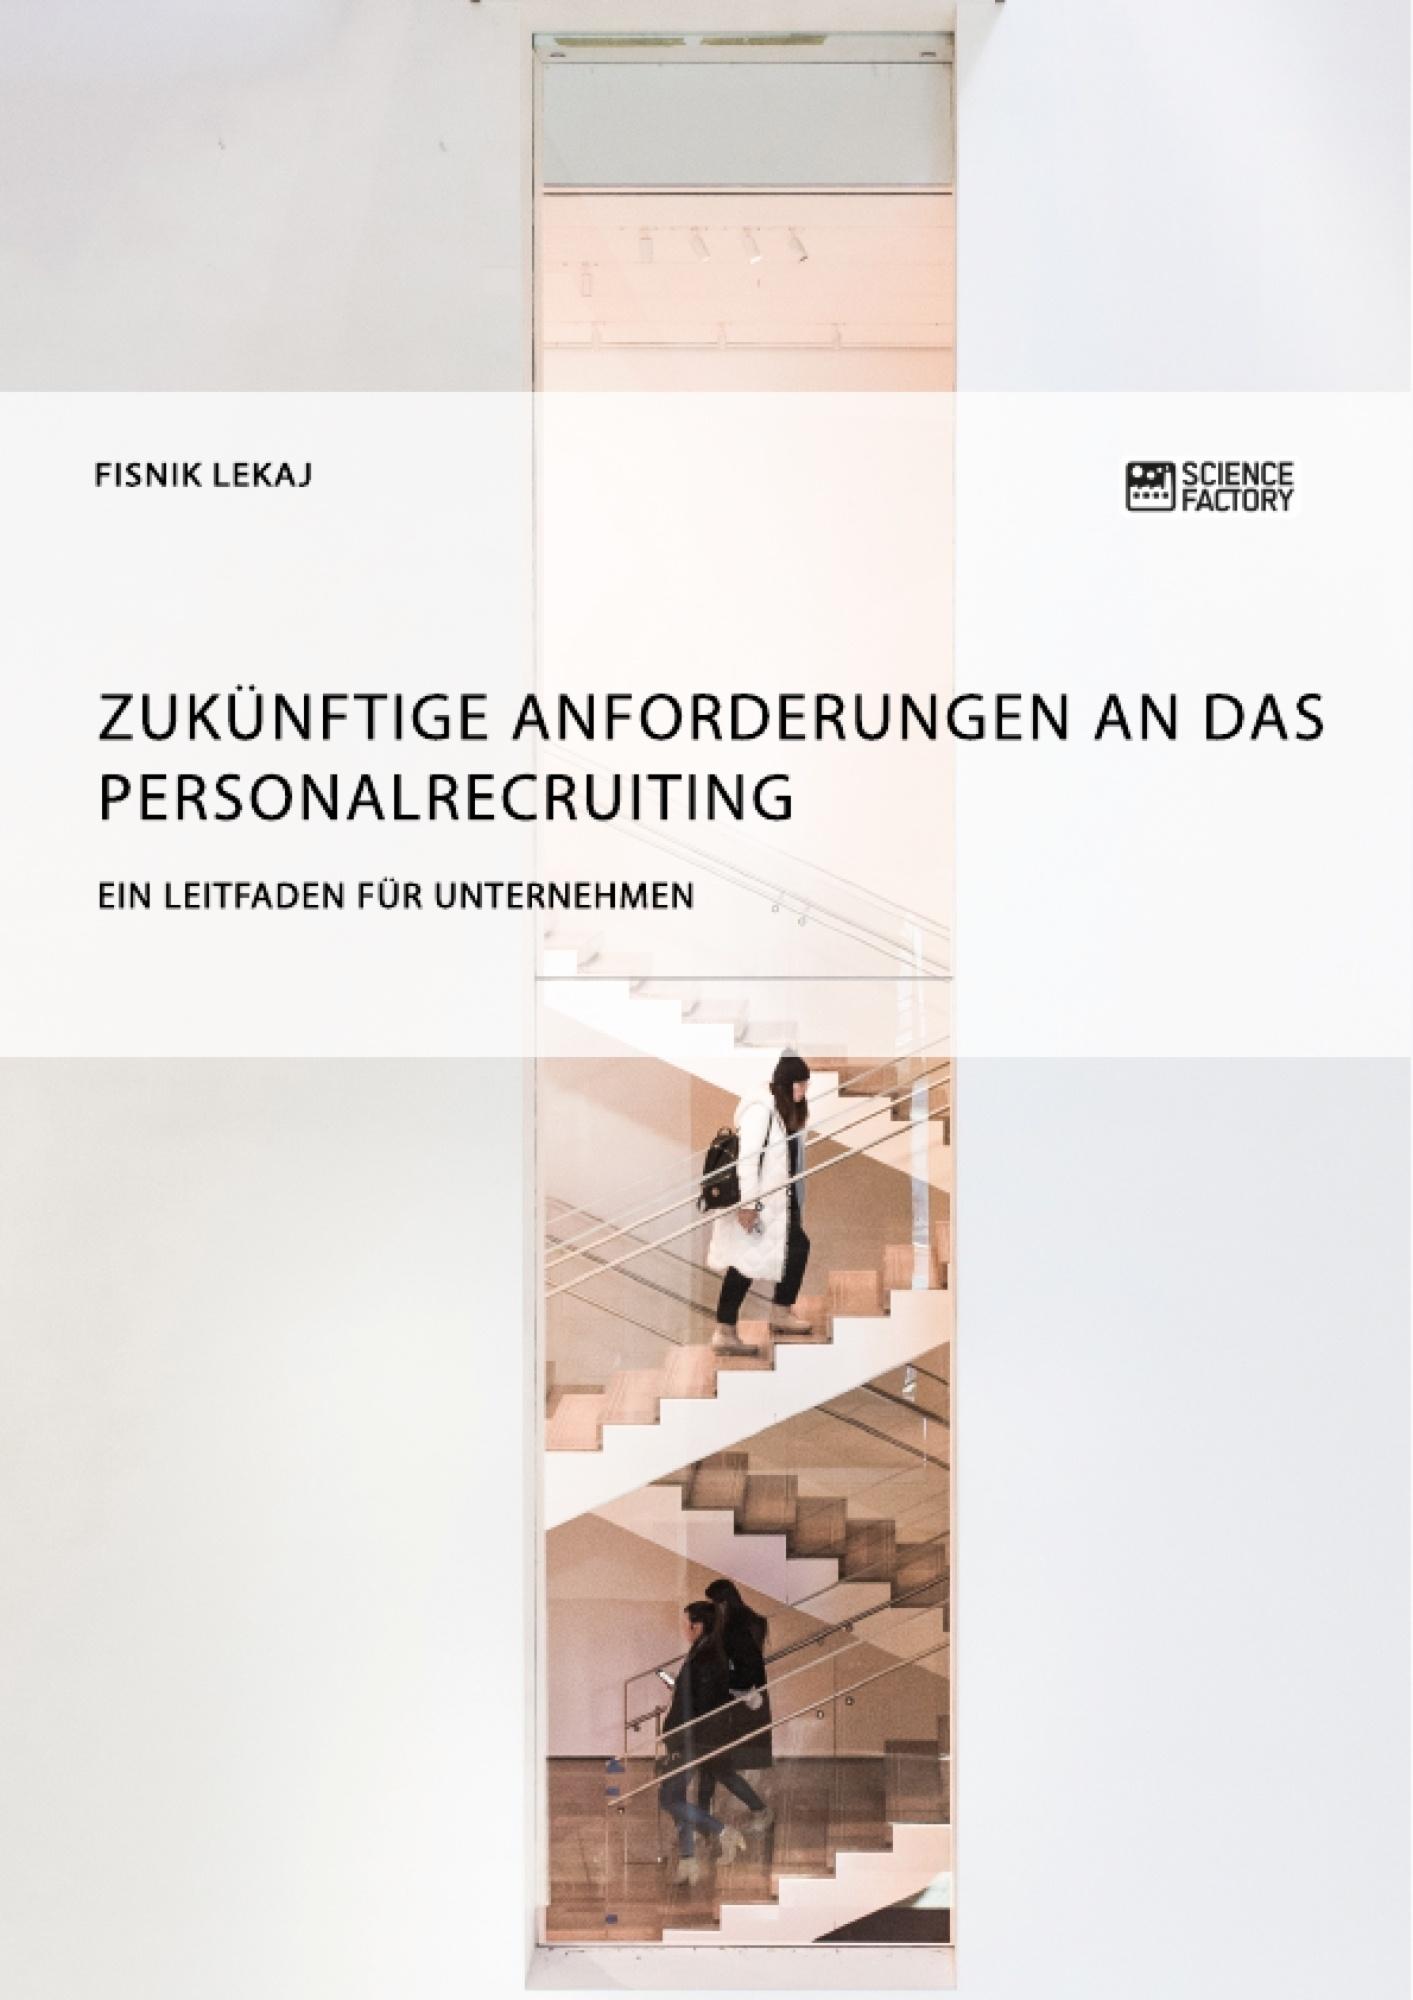 Titel: Zukünftige Anforderungen an das Personalrecruiting. Ein Leitfaden für Unternehmen